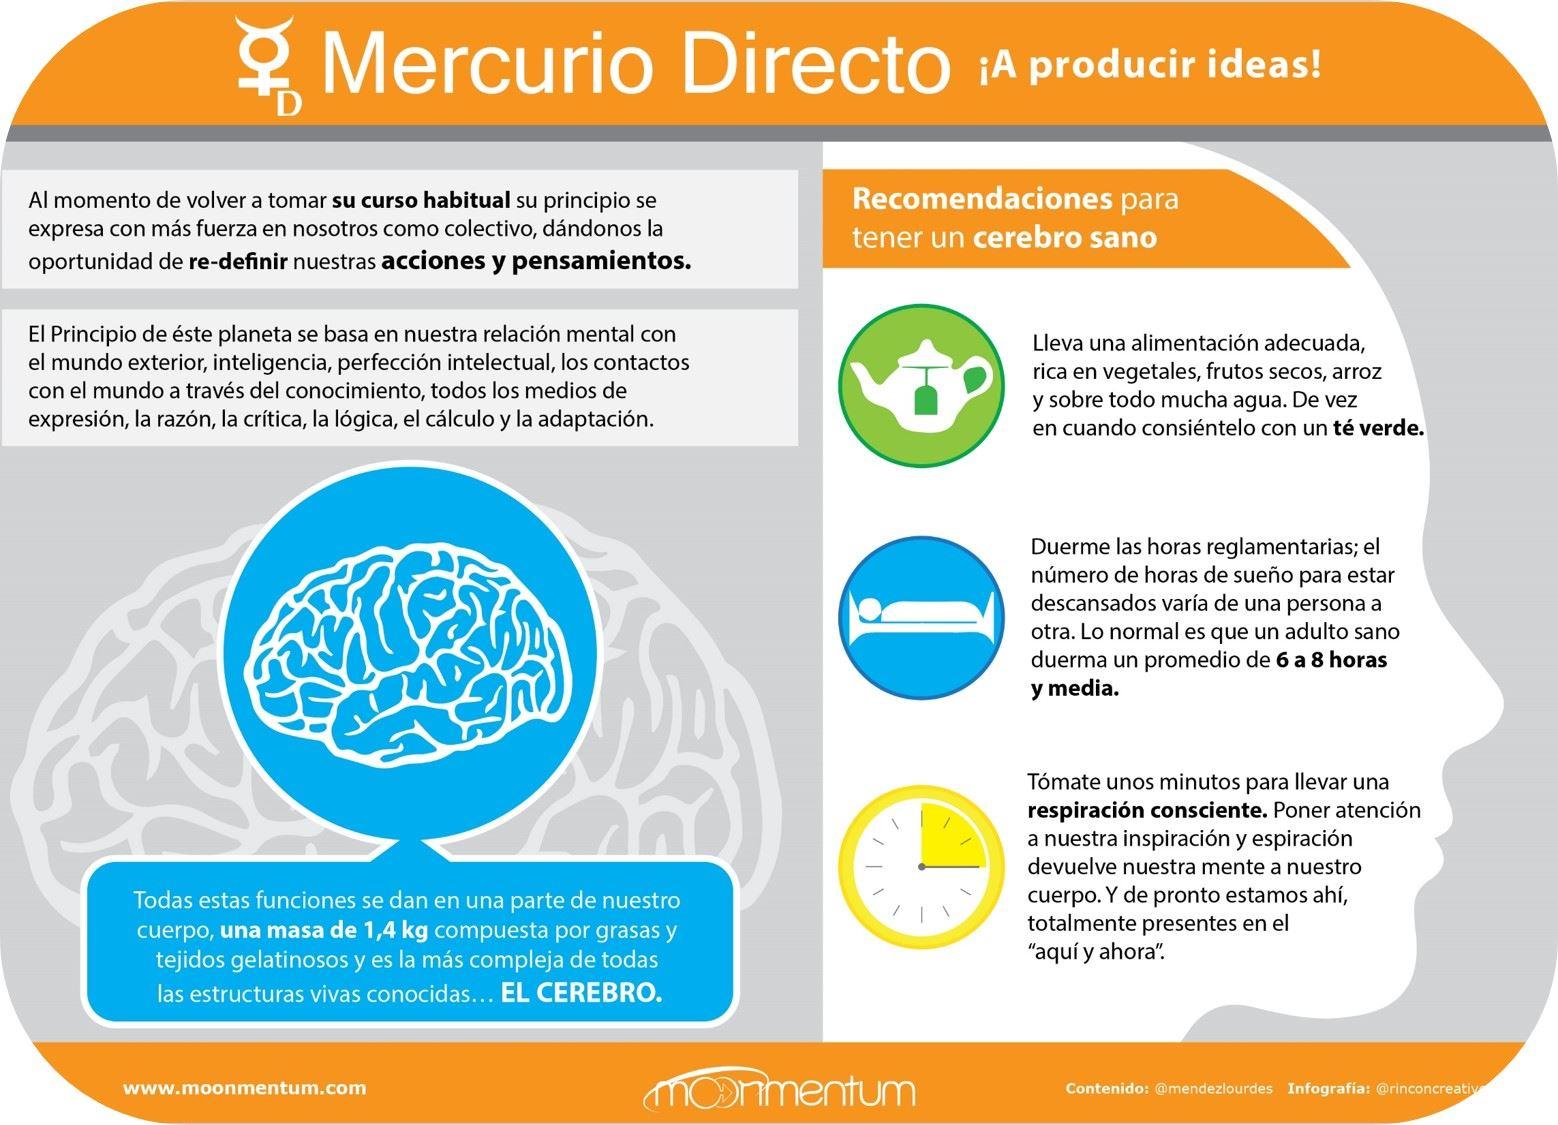 Mercurio directo-moonmentum